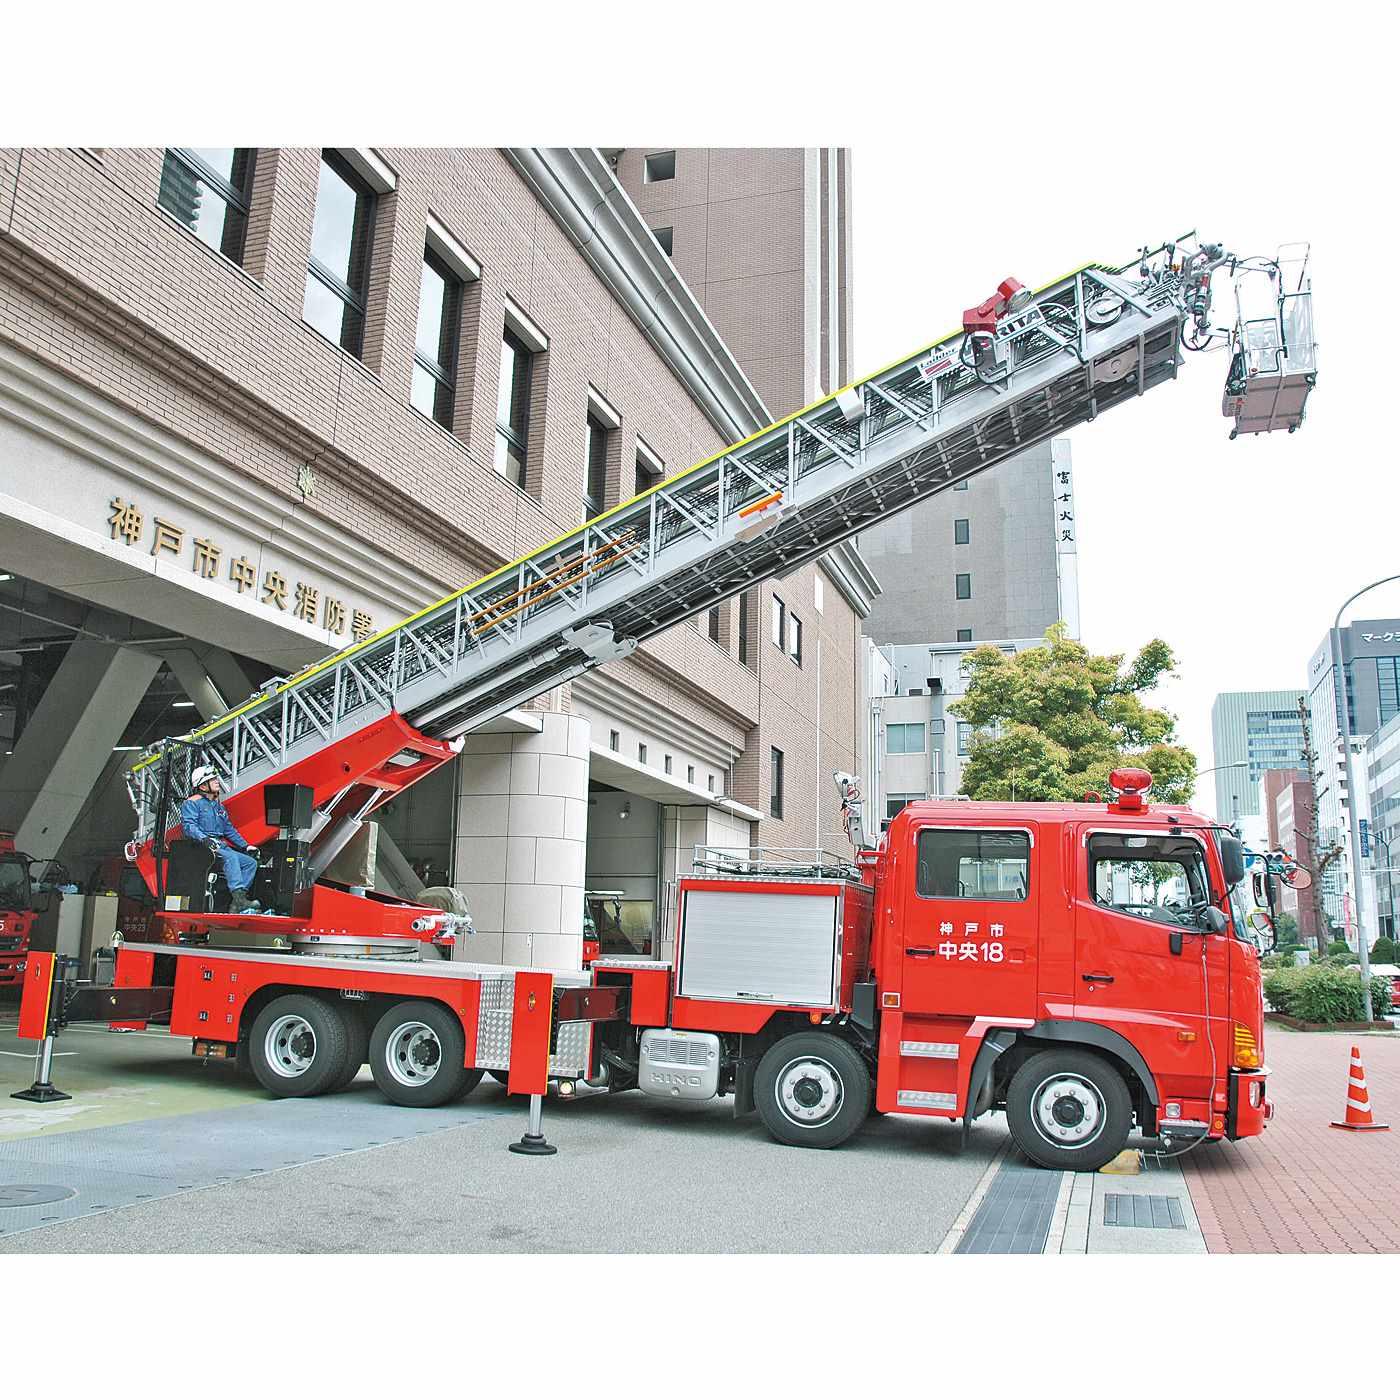 【神戸市消防局】 阪神・神戸淡路大震災の経験から、防火・防災の必要性を伝え、災害に備えて日々訓練をかさねています。火災だけでなく、救急や救助の事案にも即事対応します。